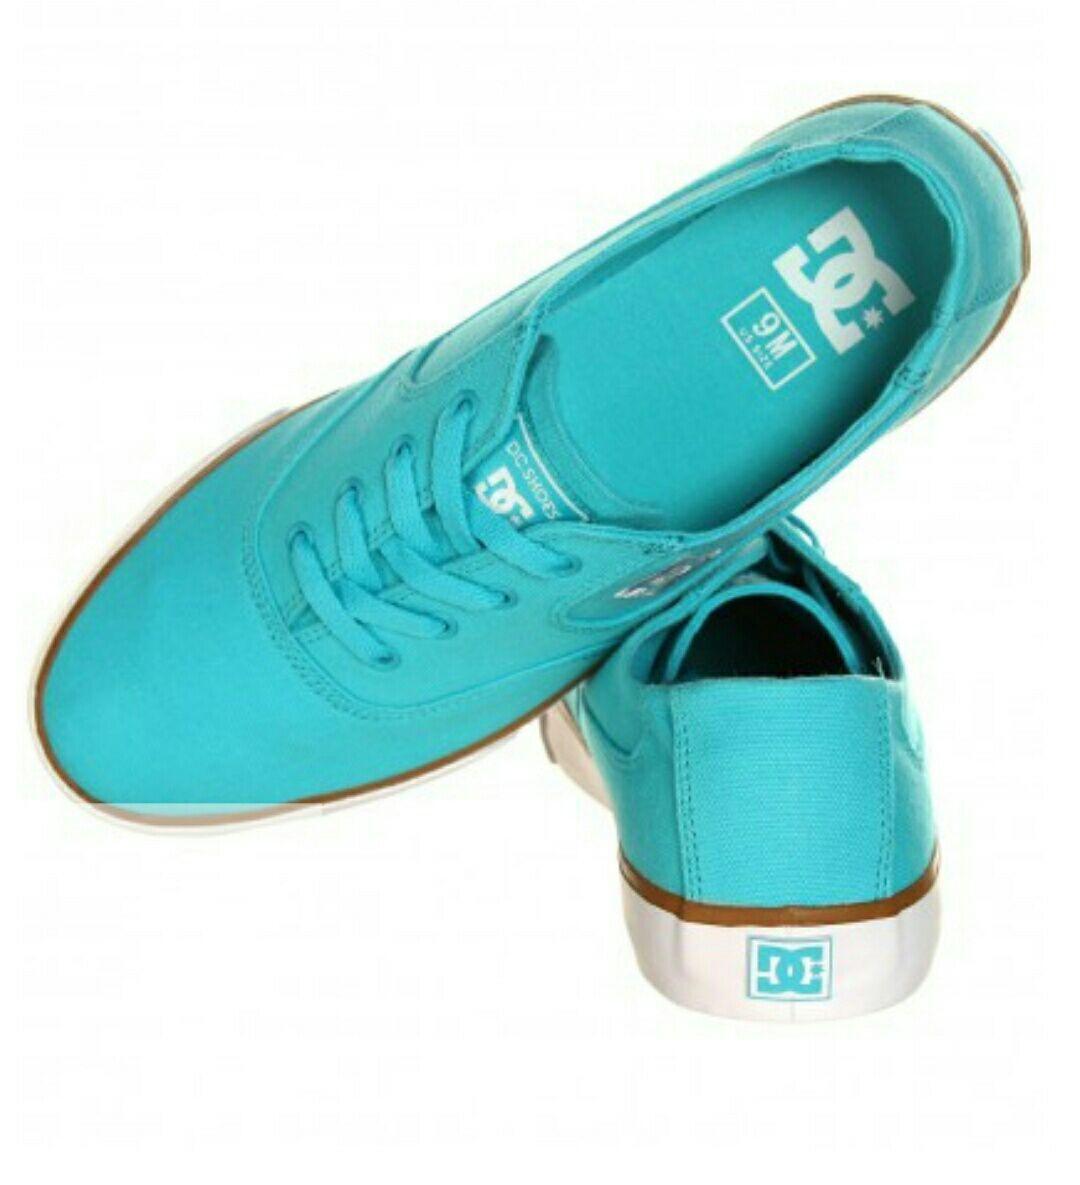 Jusqu'à 70% de réduction sur une sélection d'articles - Ex : Chaussures DC Shoes Flash TX (Coloris au choix)